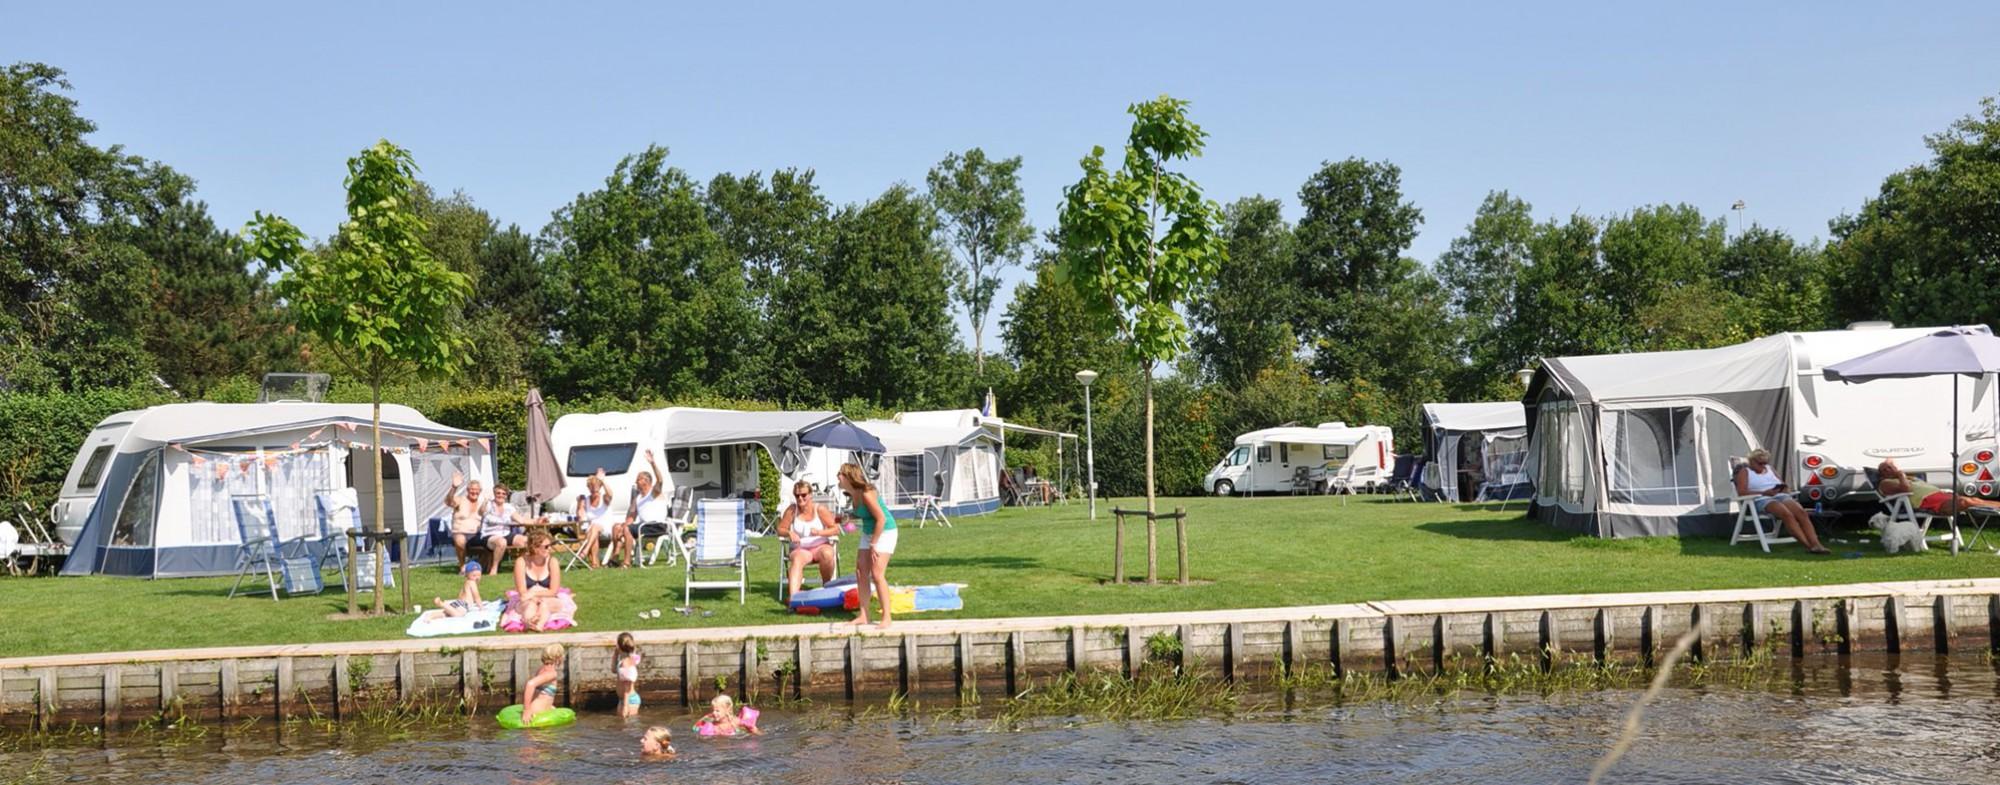 Camping aan het water